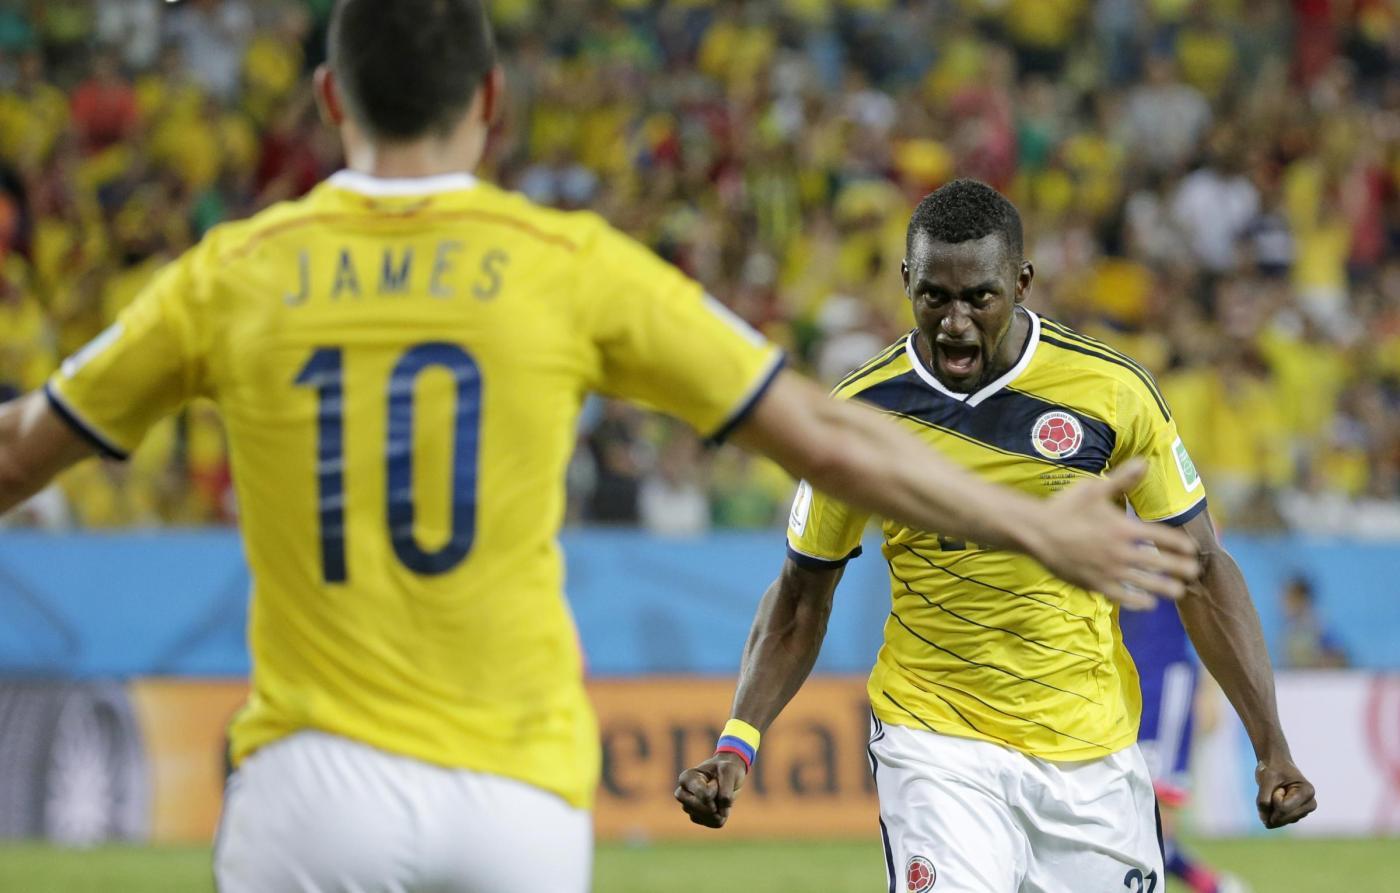 Giappone vs Colombia - Mondiali di calcio 2014 | Blitz quotidiano